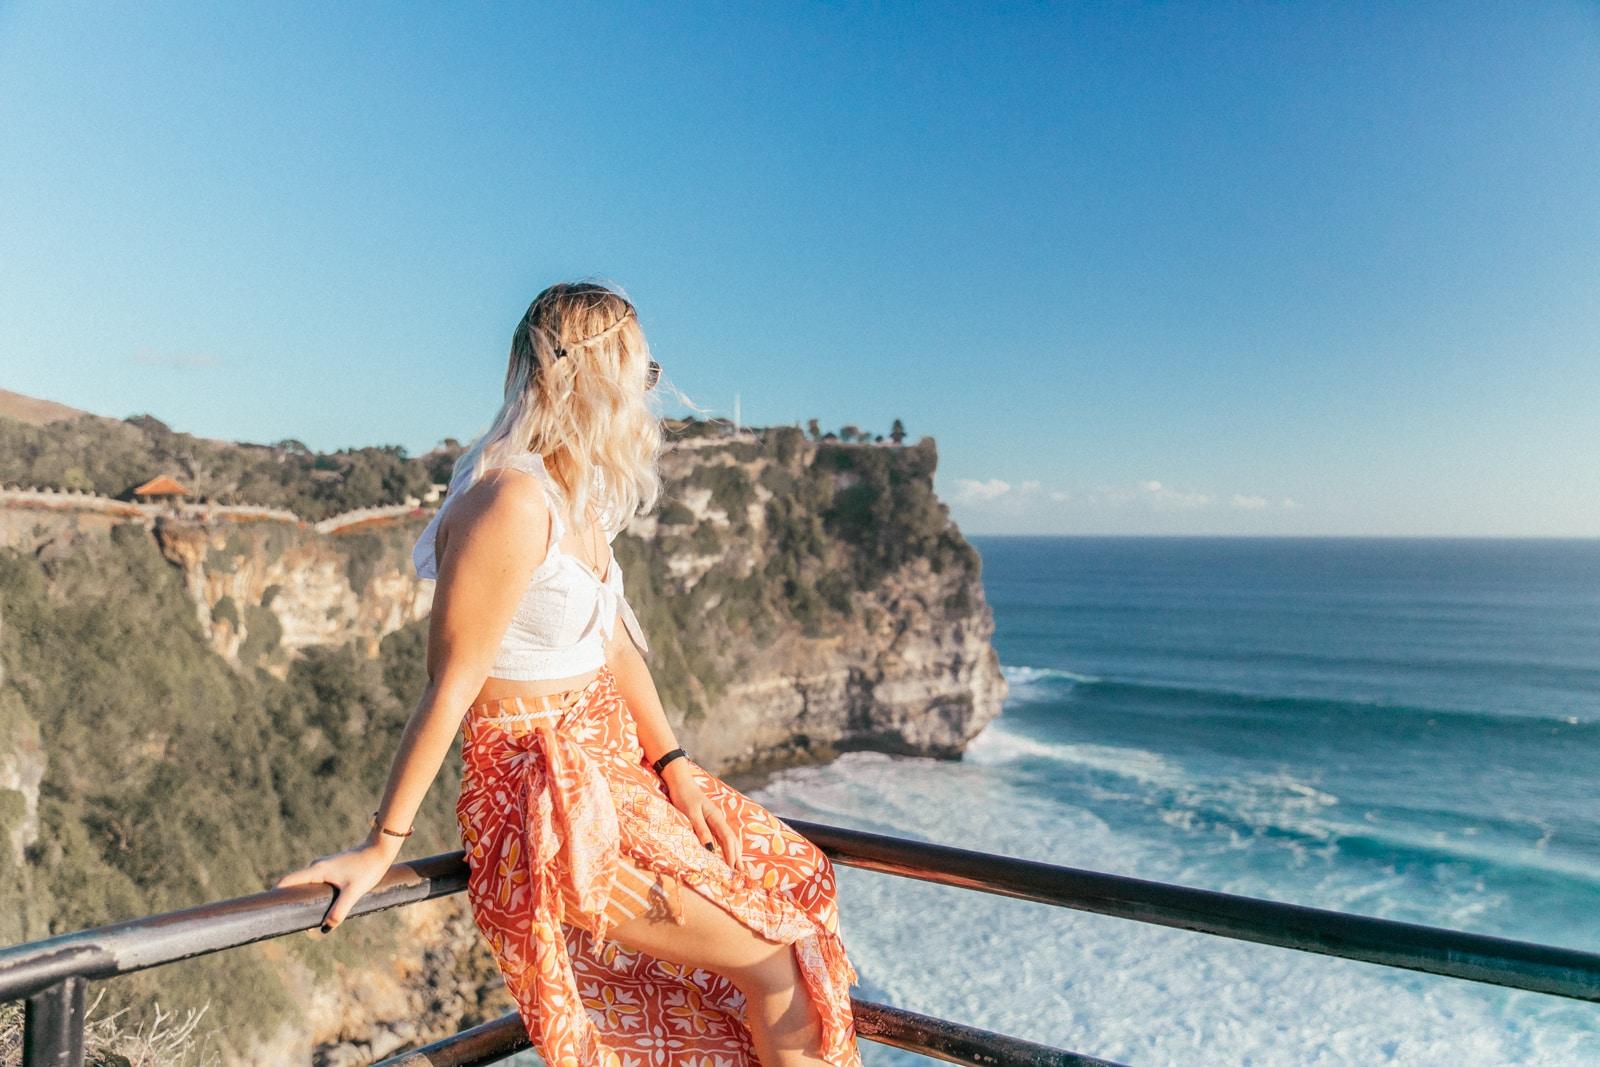 ID5A5665 - Voyage à Bali : Itinéraire, activités et hôtels